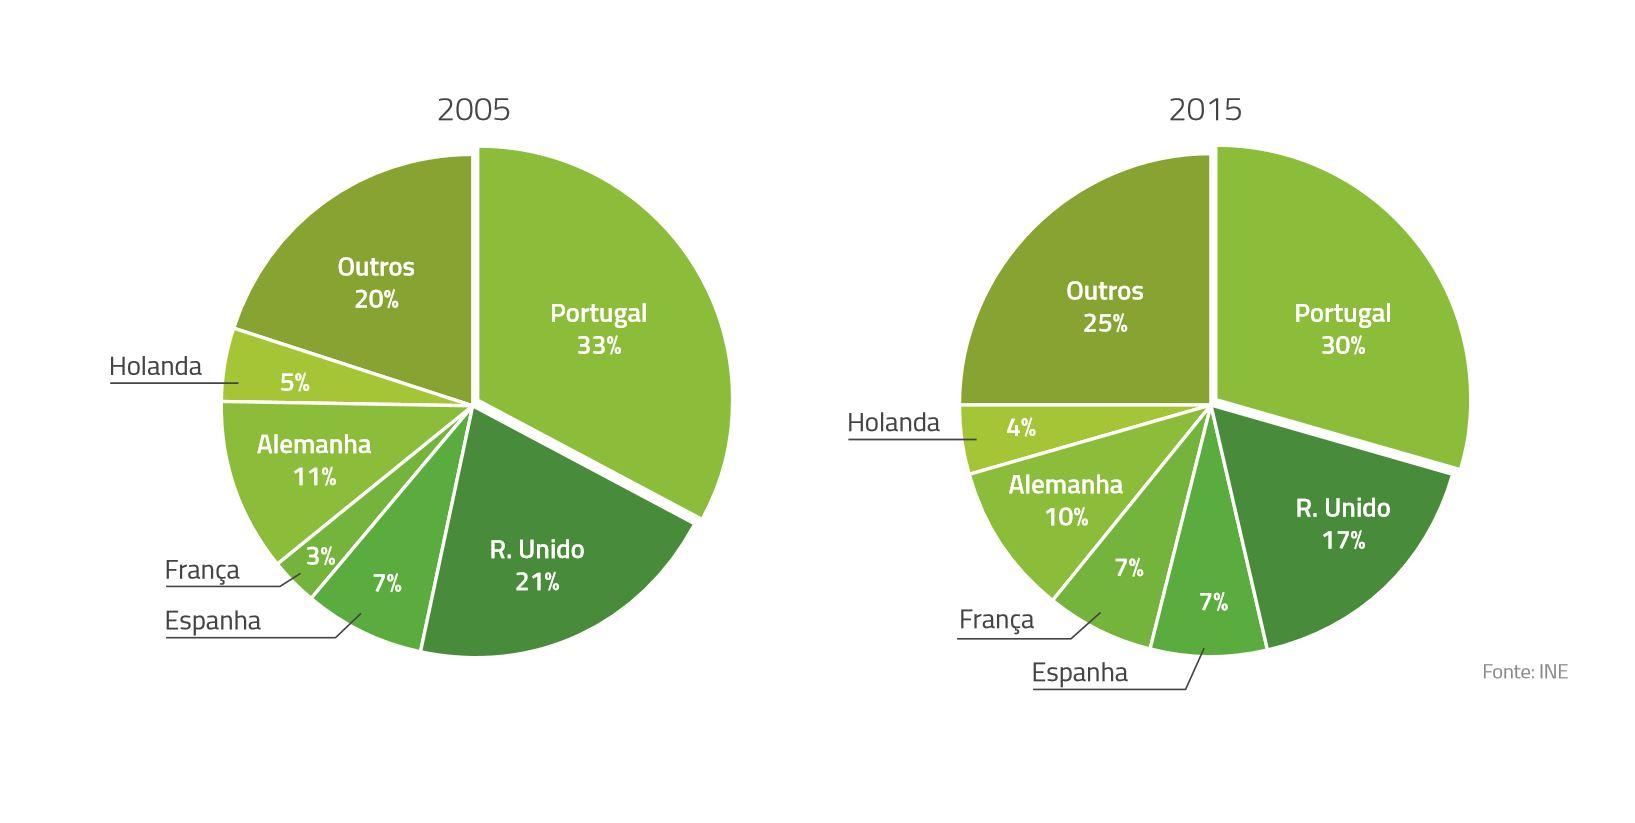 Infografik zum Anteil der Übernachtungsgäste in Portugal 2005 und 2015